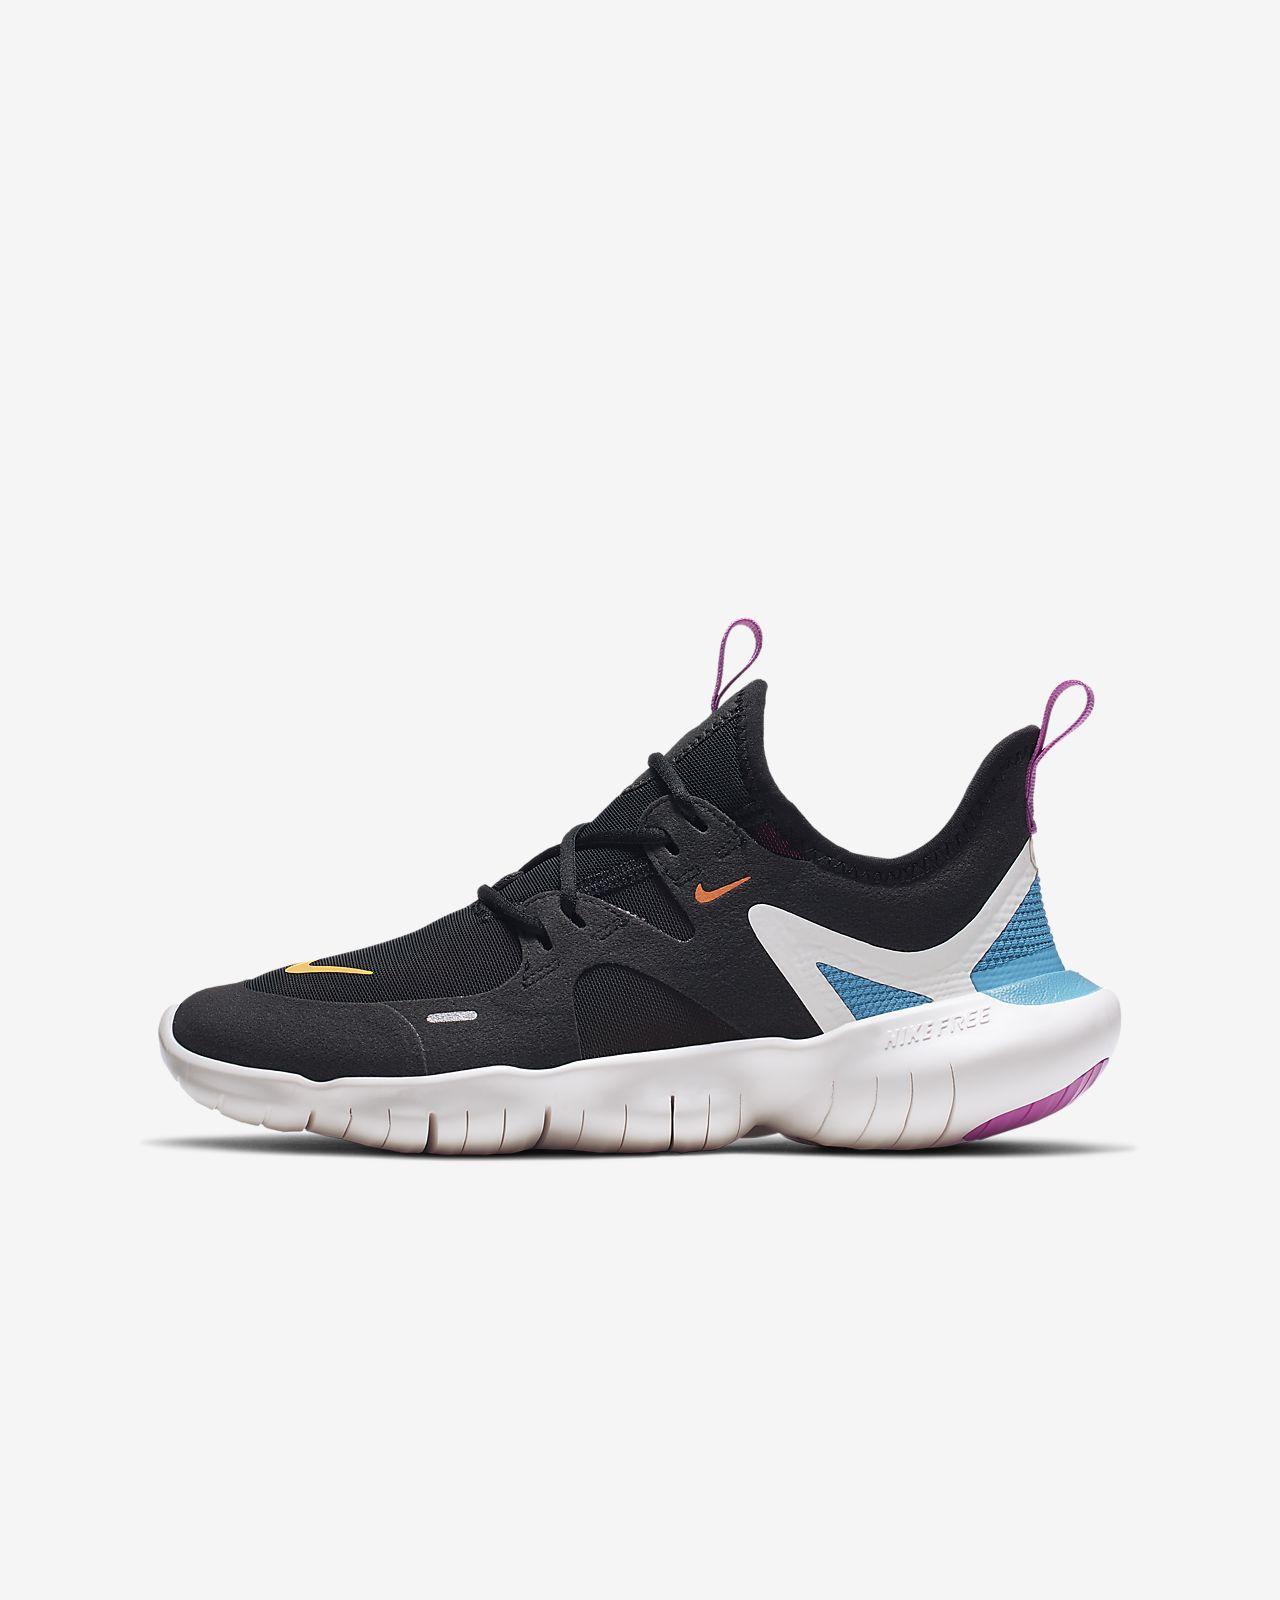 new style 06add bd760 ... Löparsko Nike Free RN 5.0 för ungdom